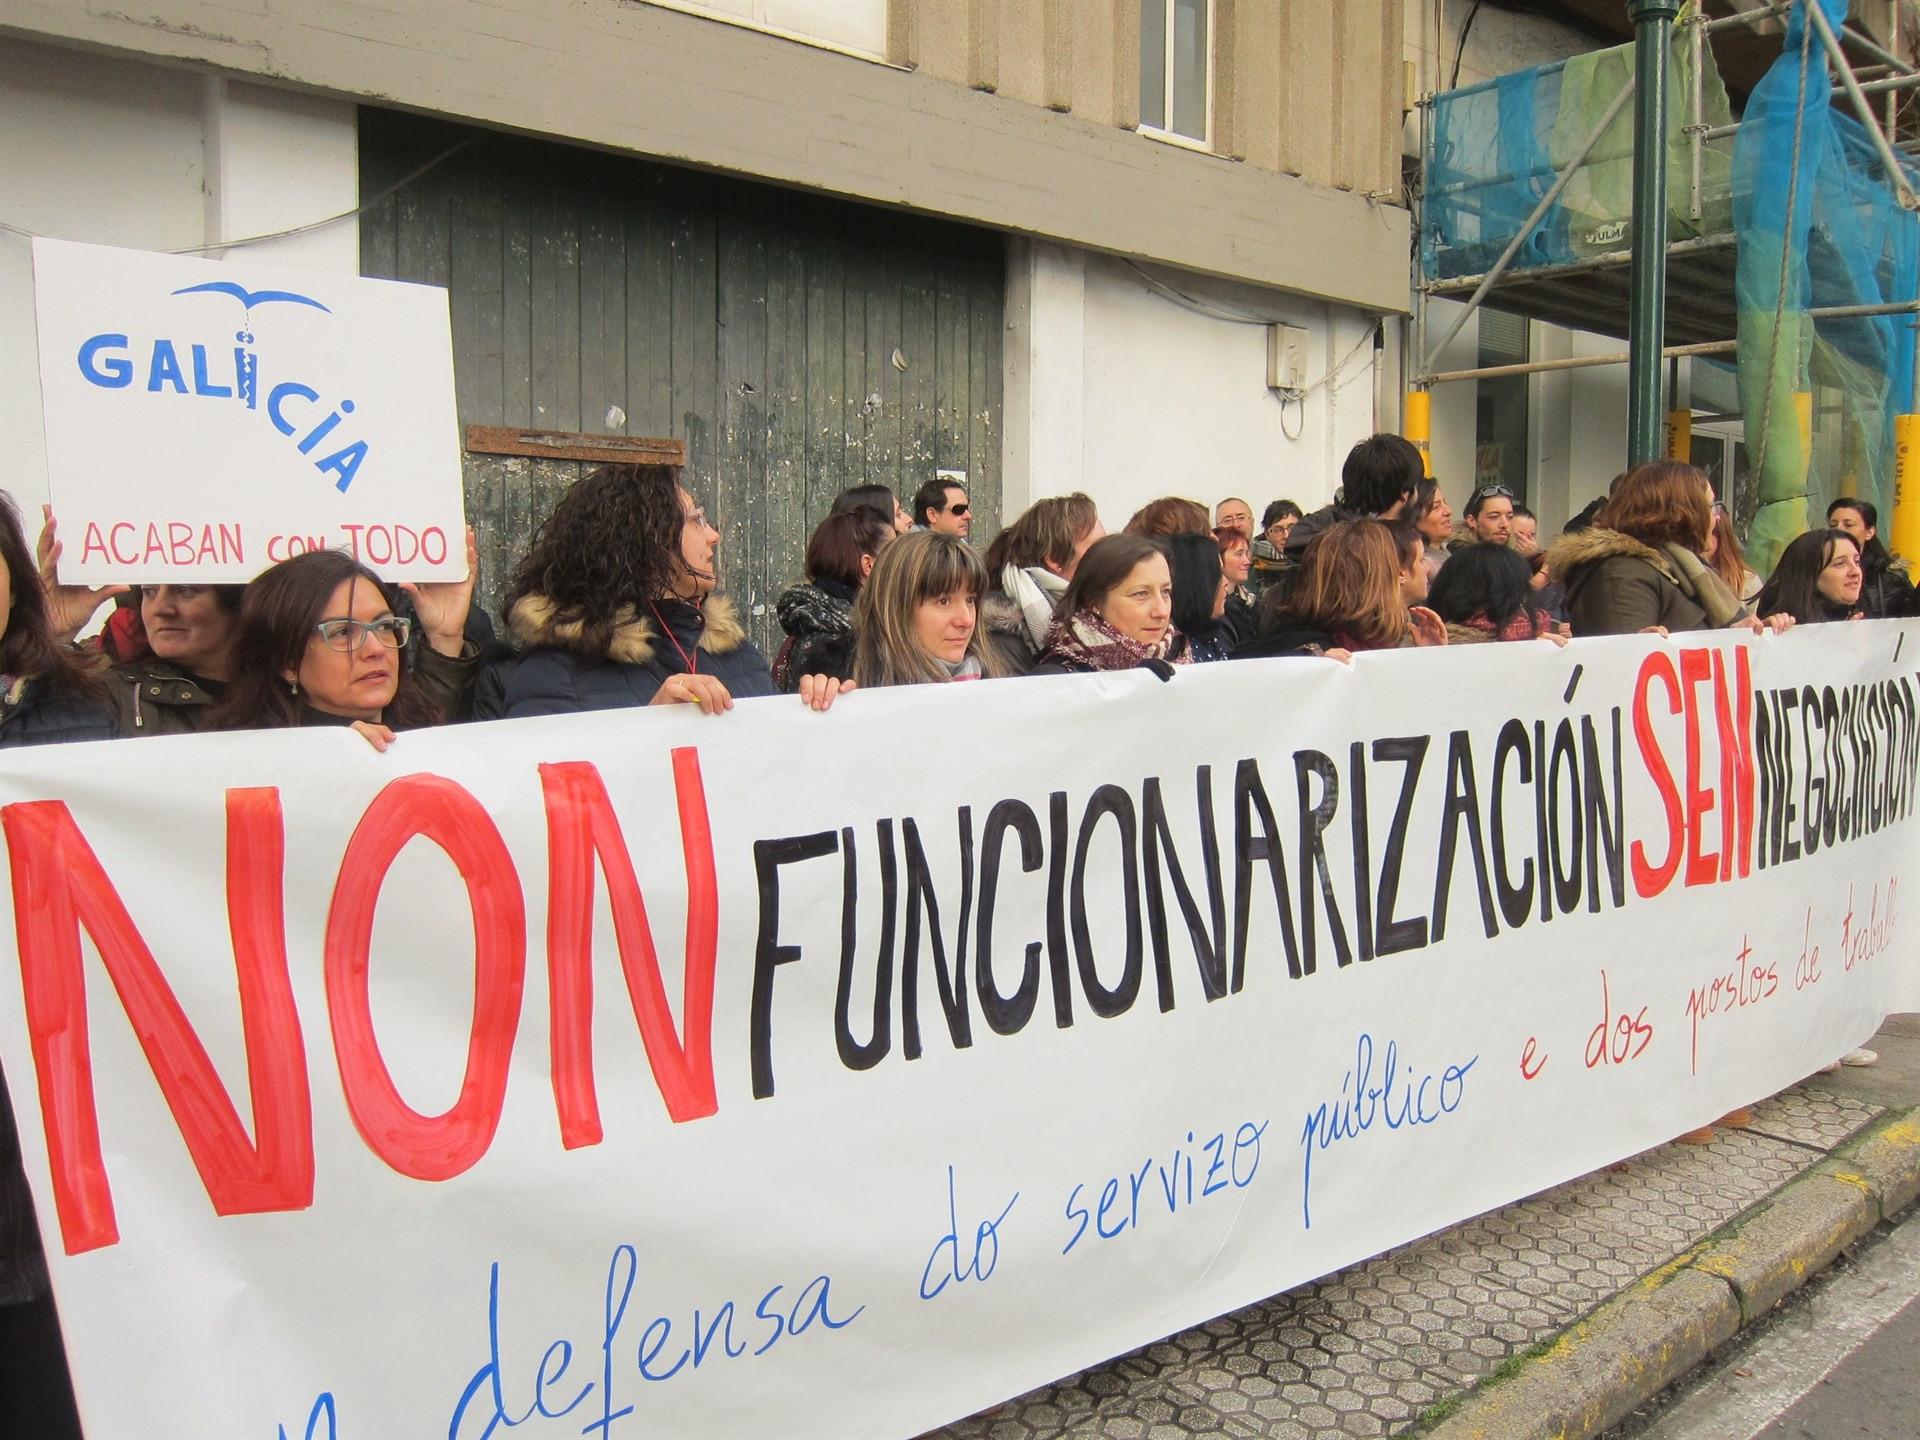 Funcionariosserviciossocialesprotesta